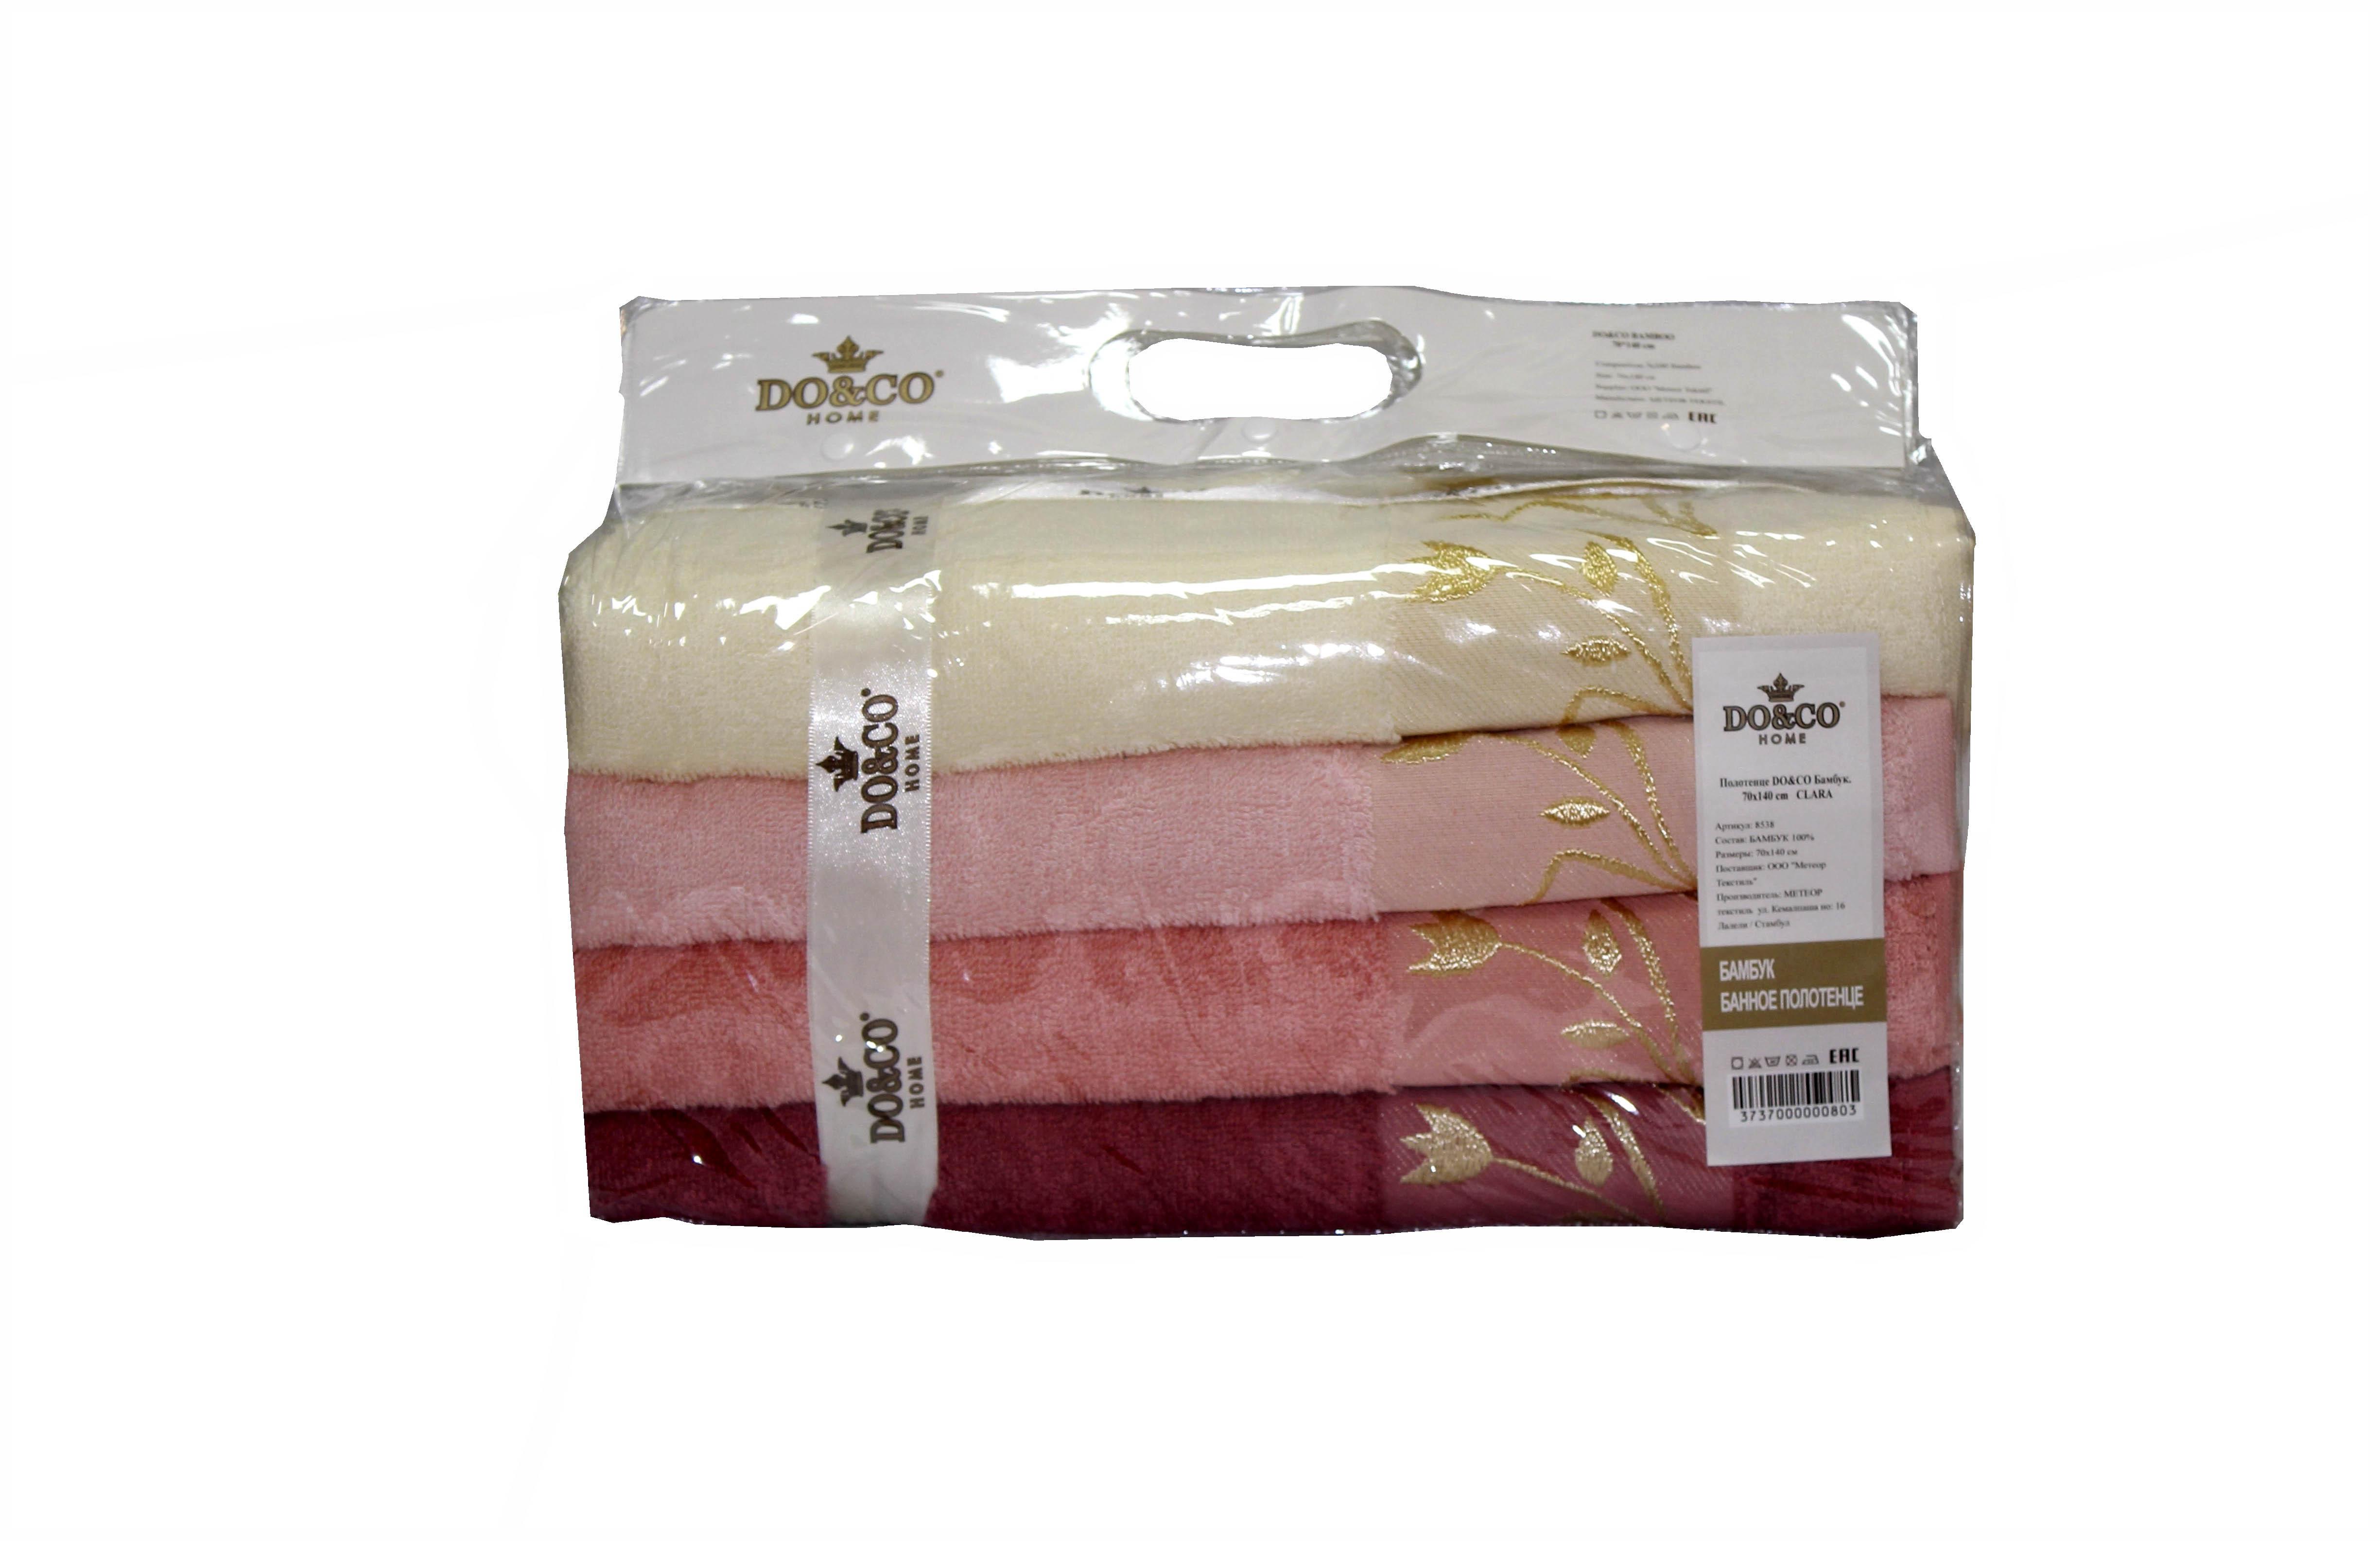 Полотенца DO'n'CO Набор Полотенец Clara (50х90 см - 4 шт) полотенца кухонные la pastel набор полотенец 4 предмета из микрофибры 30х30